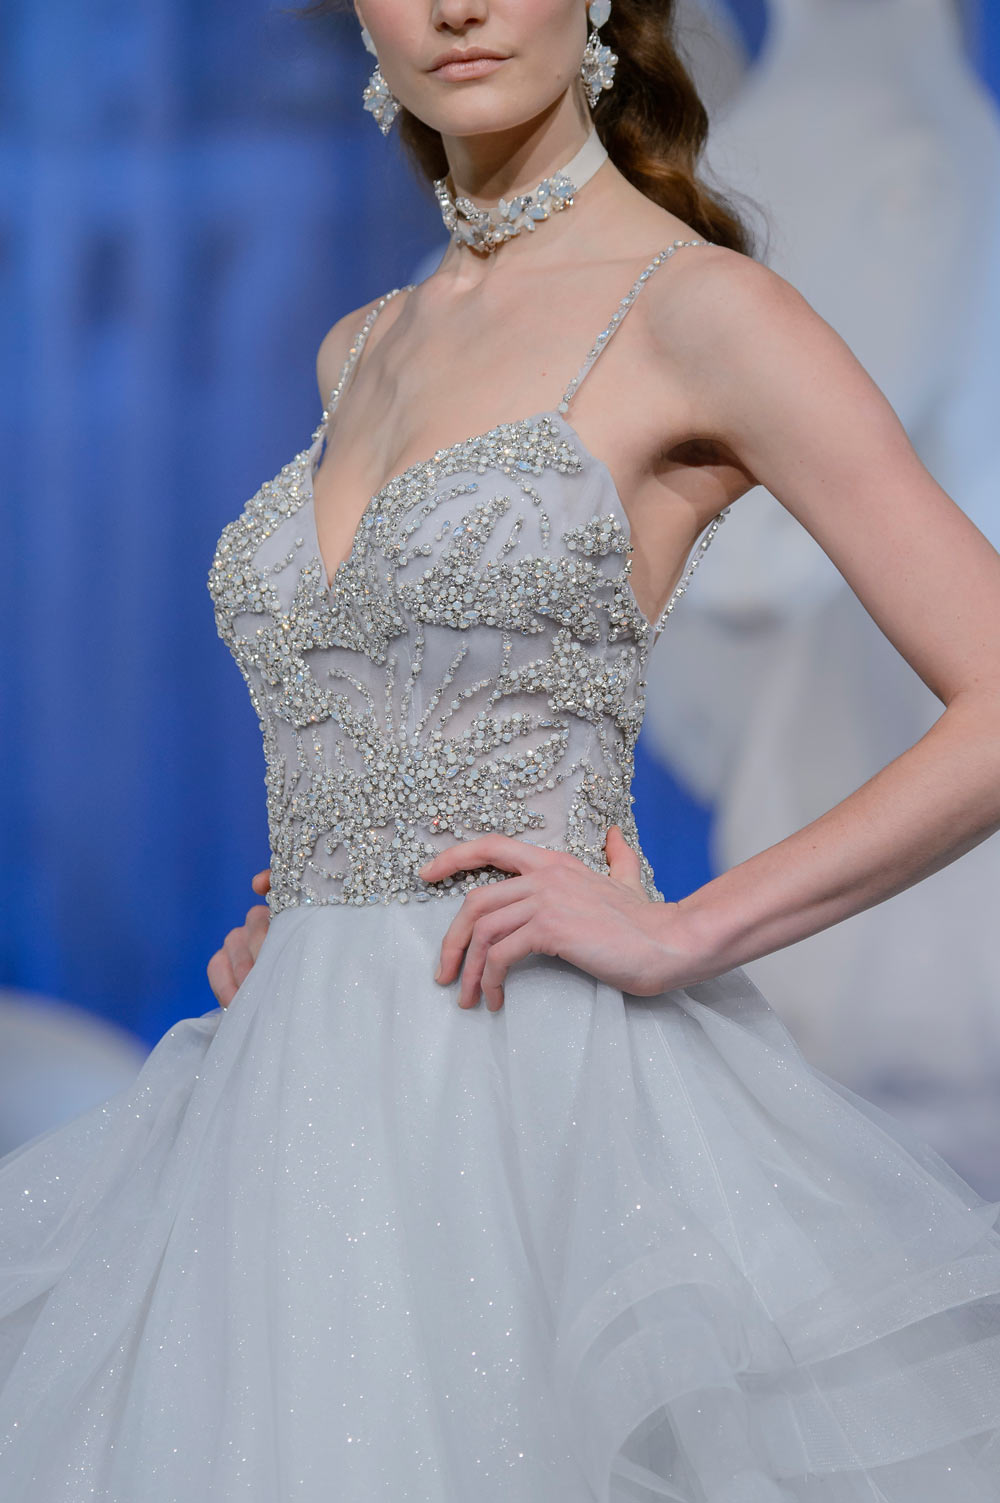 Matrimonio Color Azzurro Polvere : Di matrimonio azzurro polvere